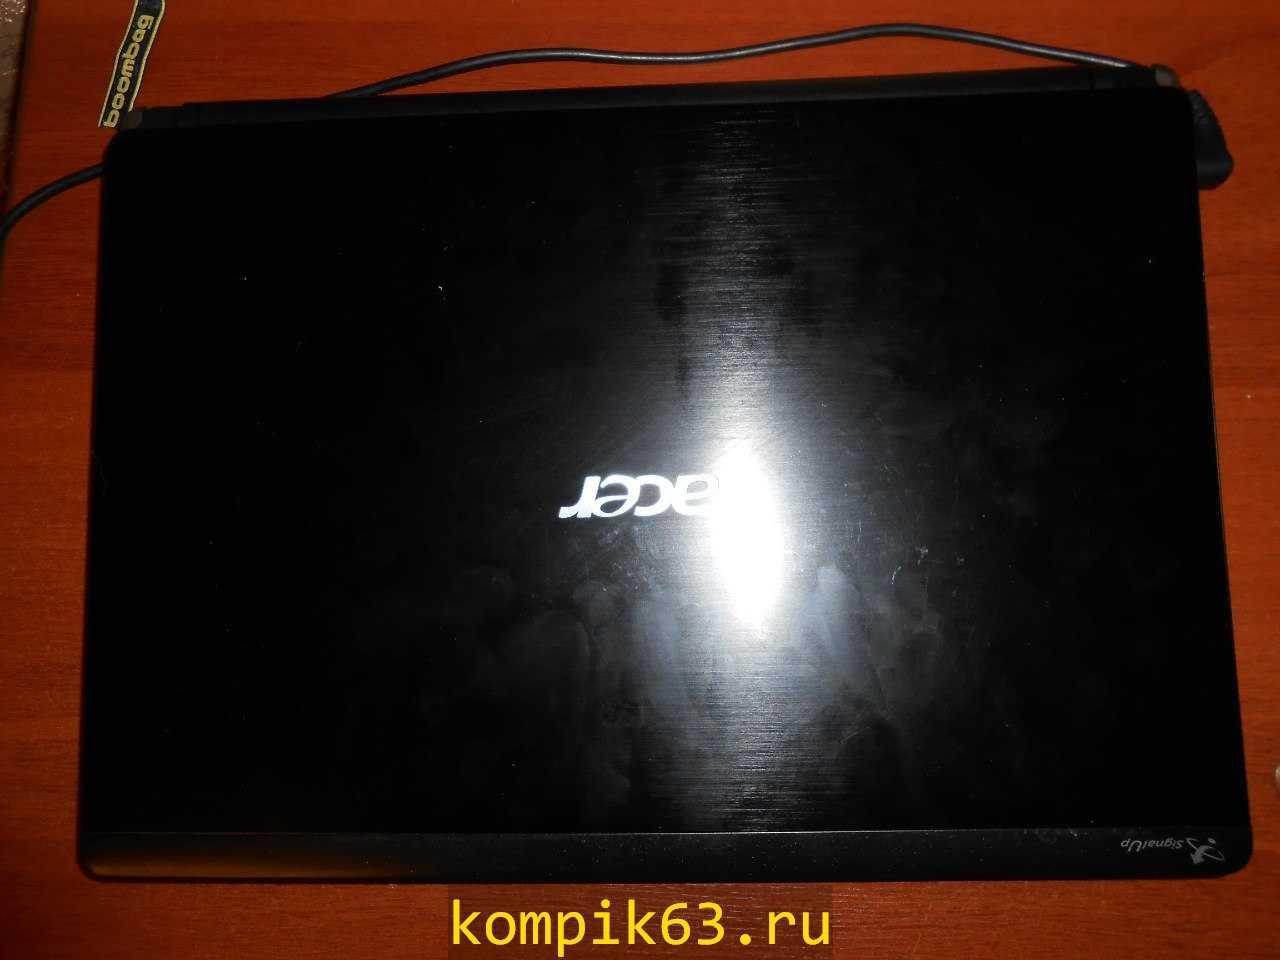 kompik63.ru-034